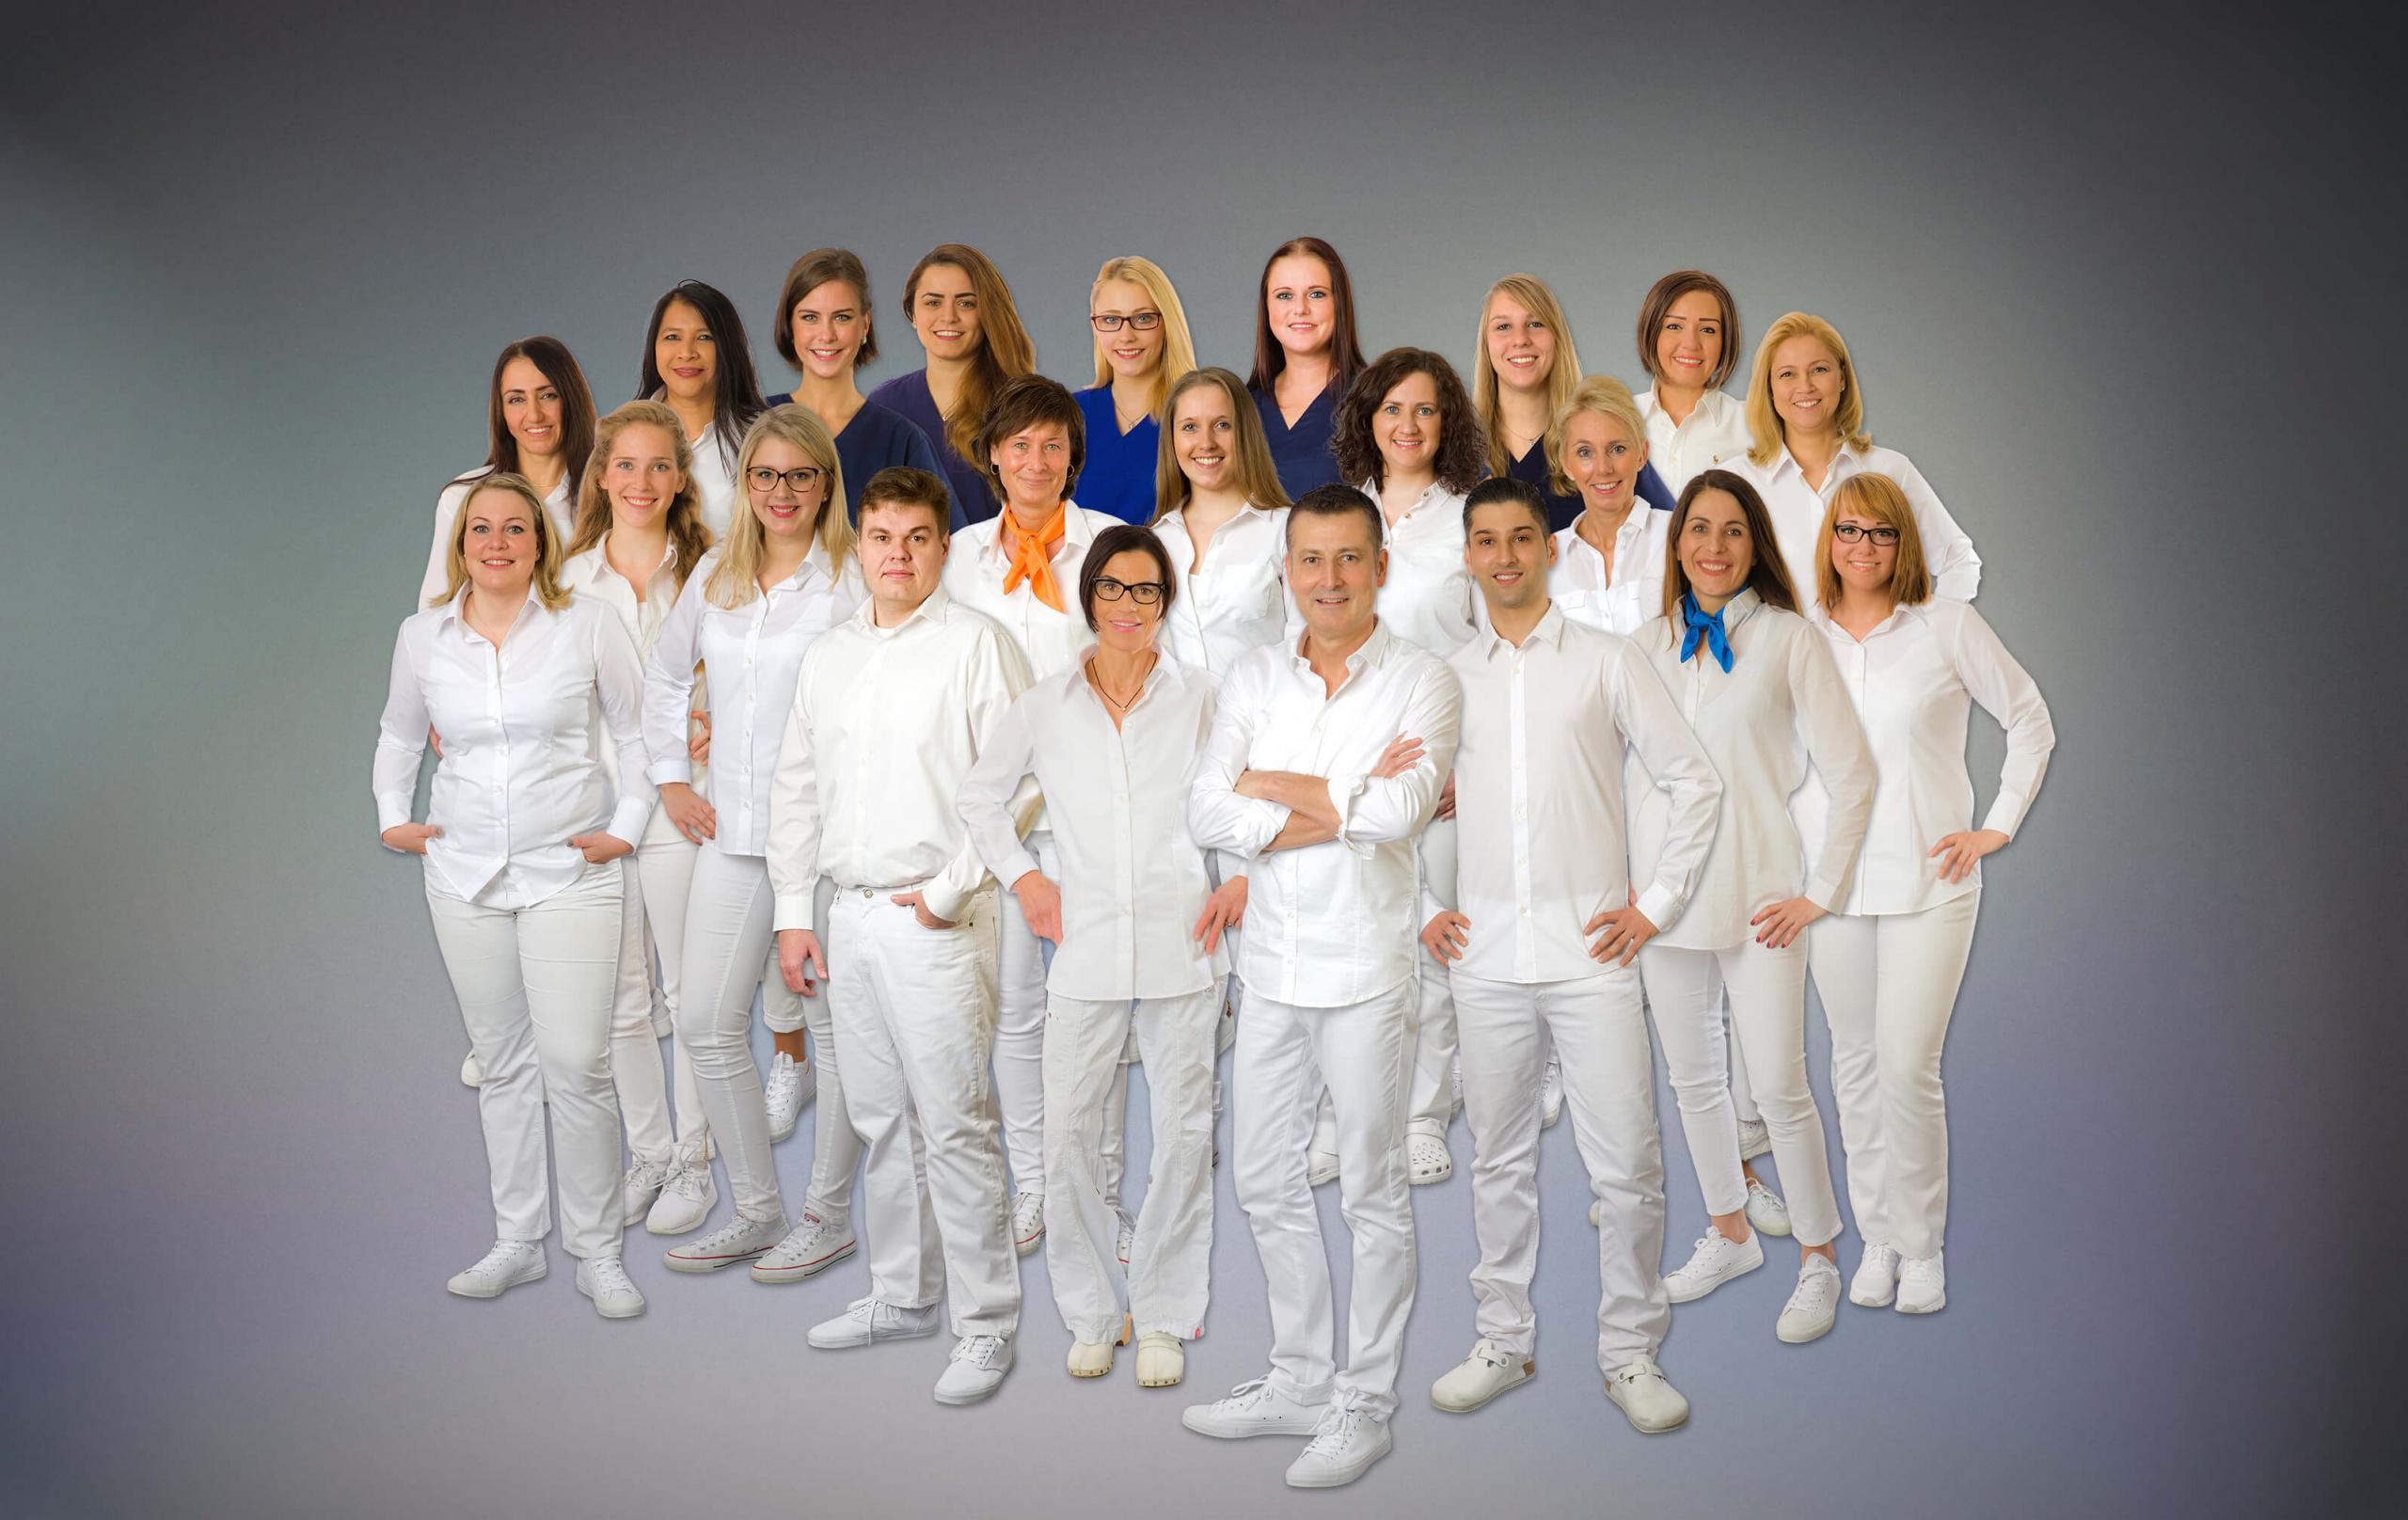 Team der Zahnärtzlichen Praxisklinik Herne